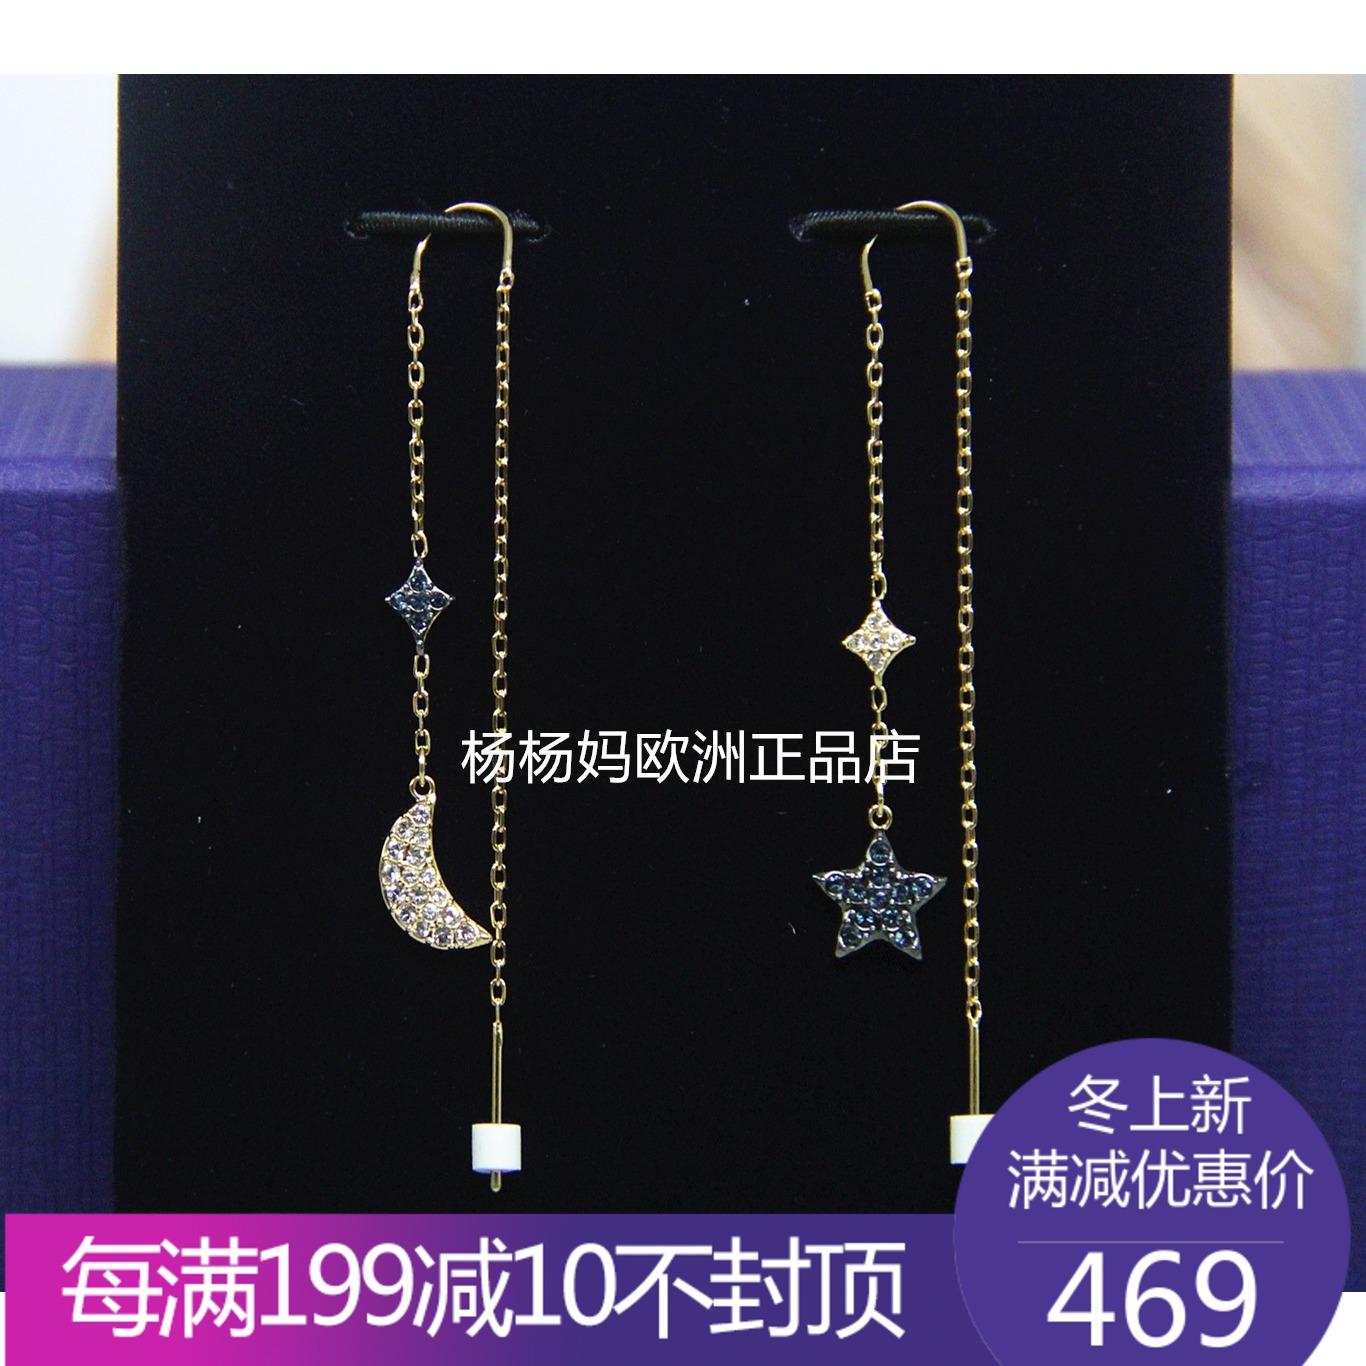 Купить Swarovski в Китае, в интернет магазине таобао на русском языке